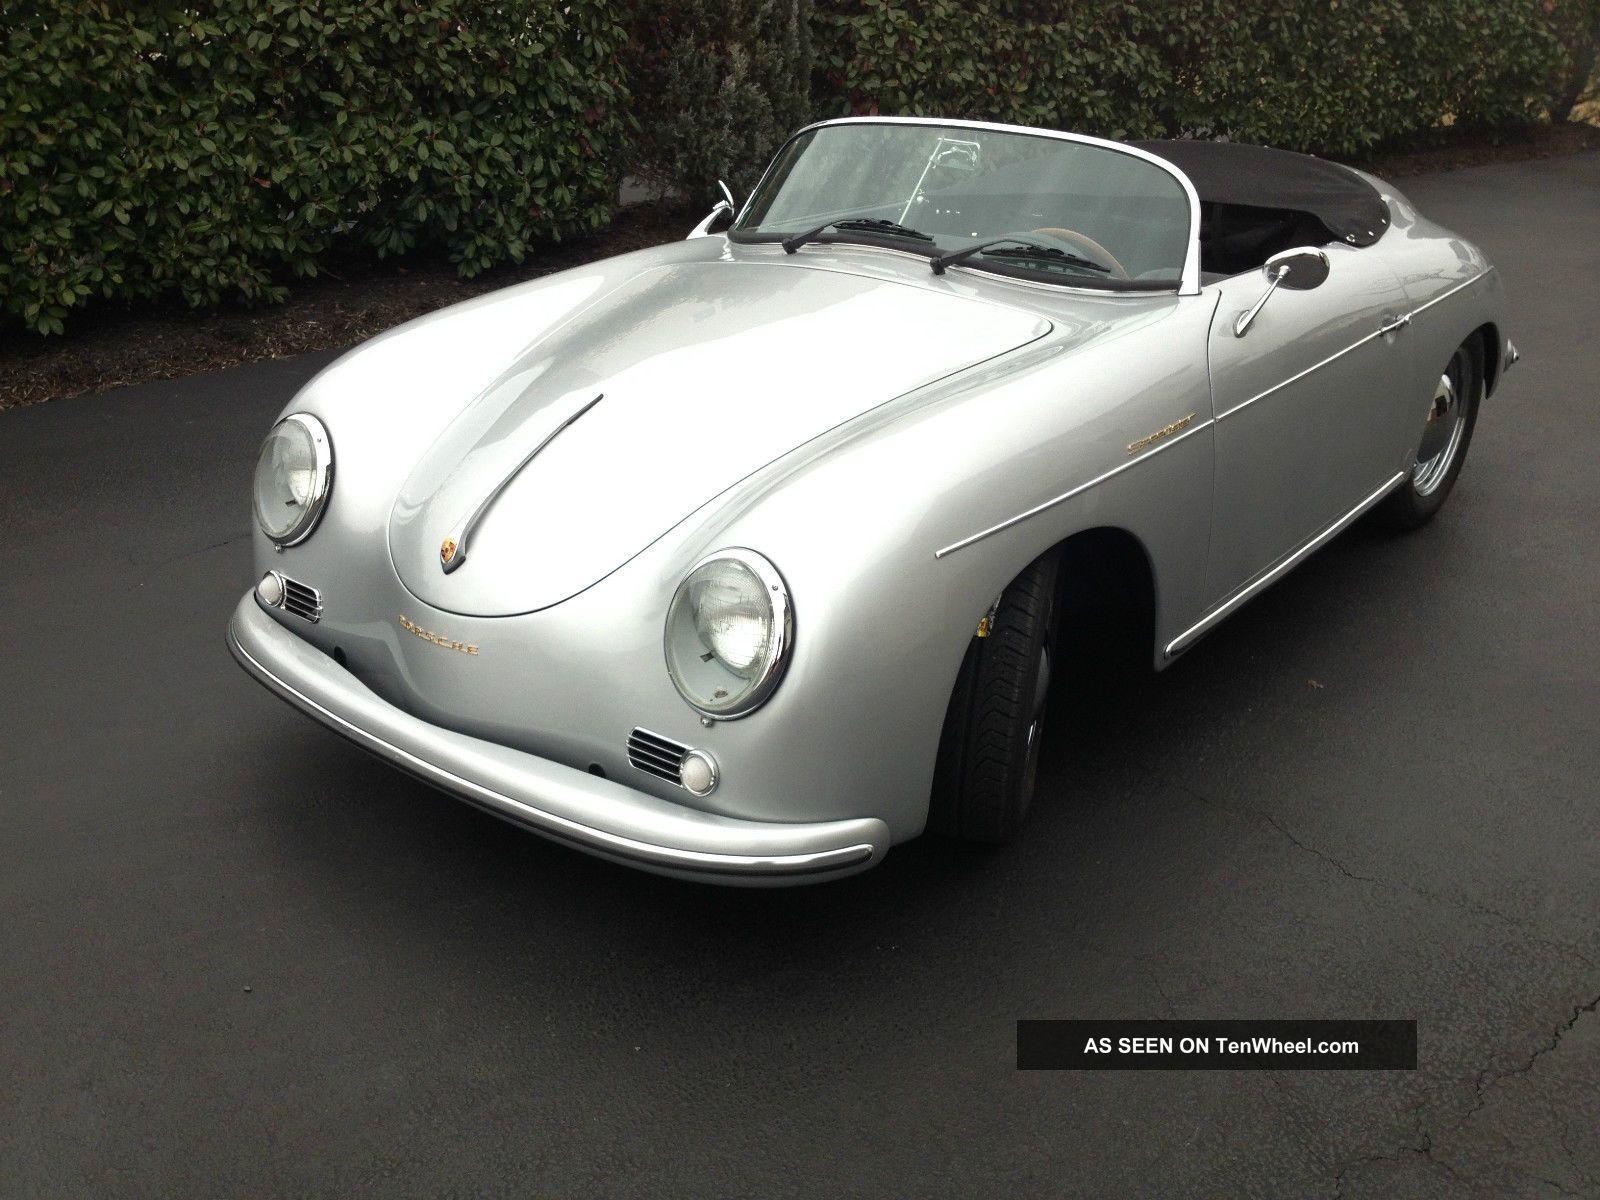 1957 Porsche 356 Speedster Replica Built In October 2013 By Vintage Speedsters 356 photo